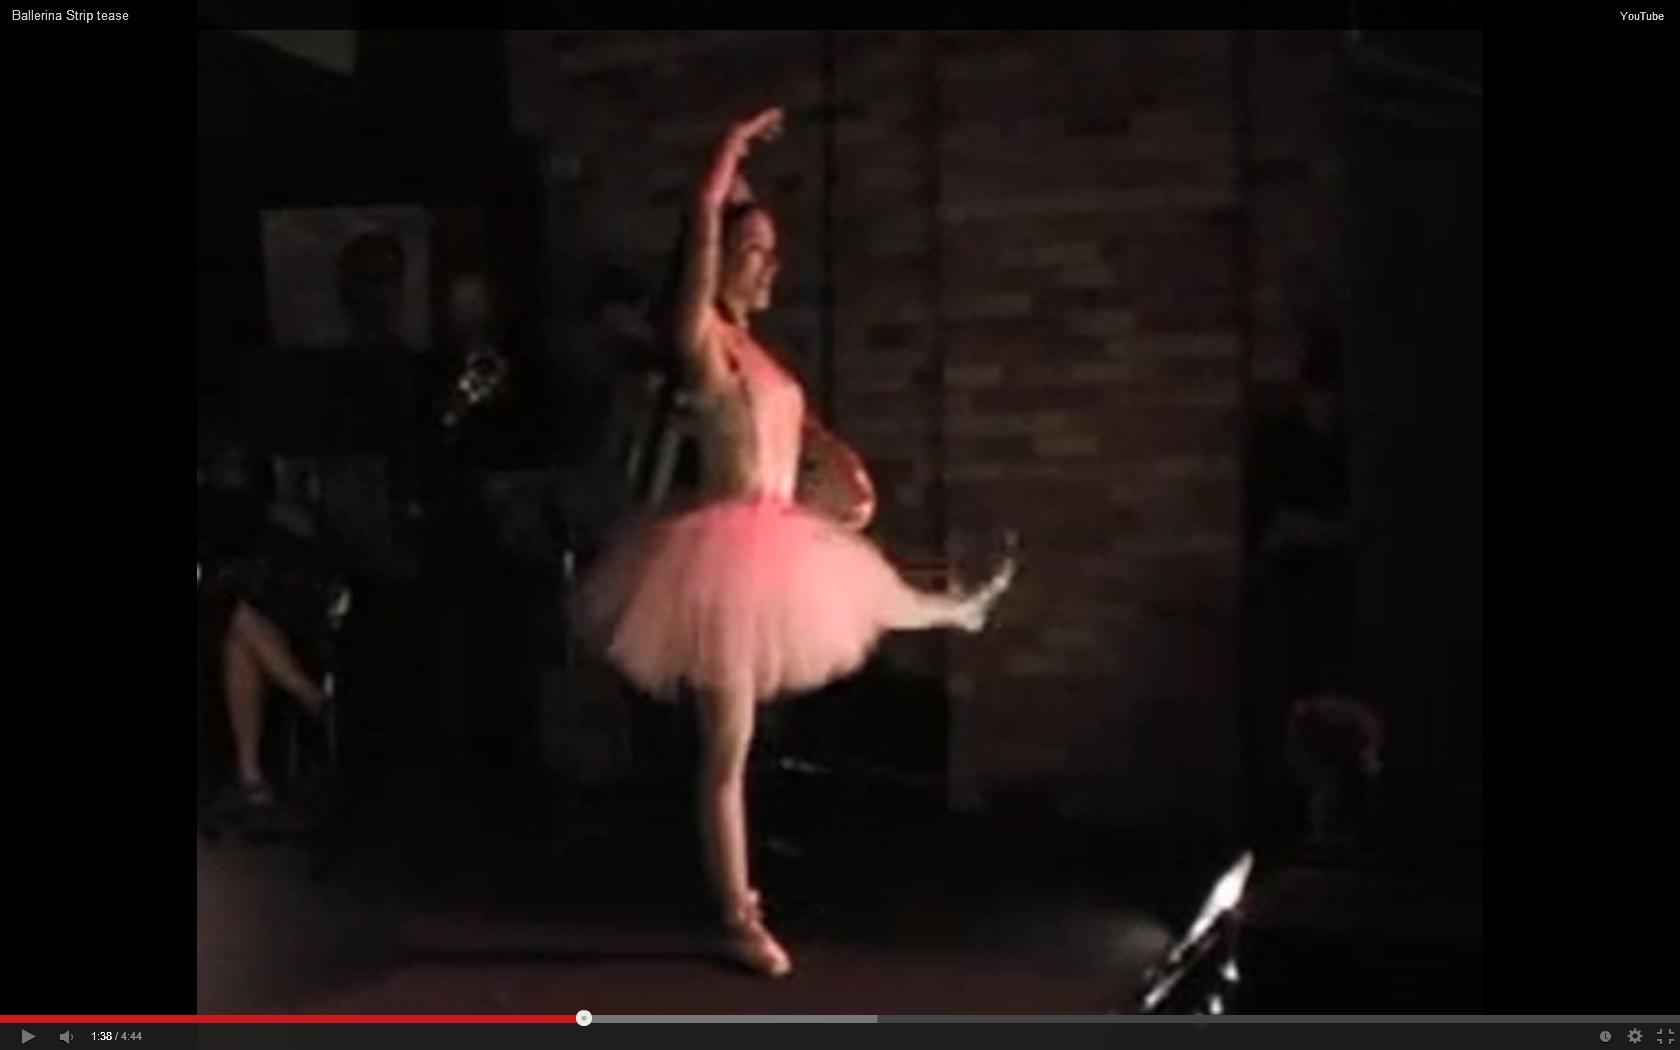 Ballerina Strip Tease